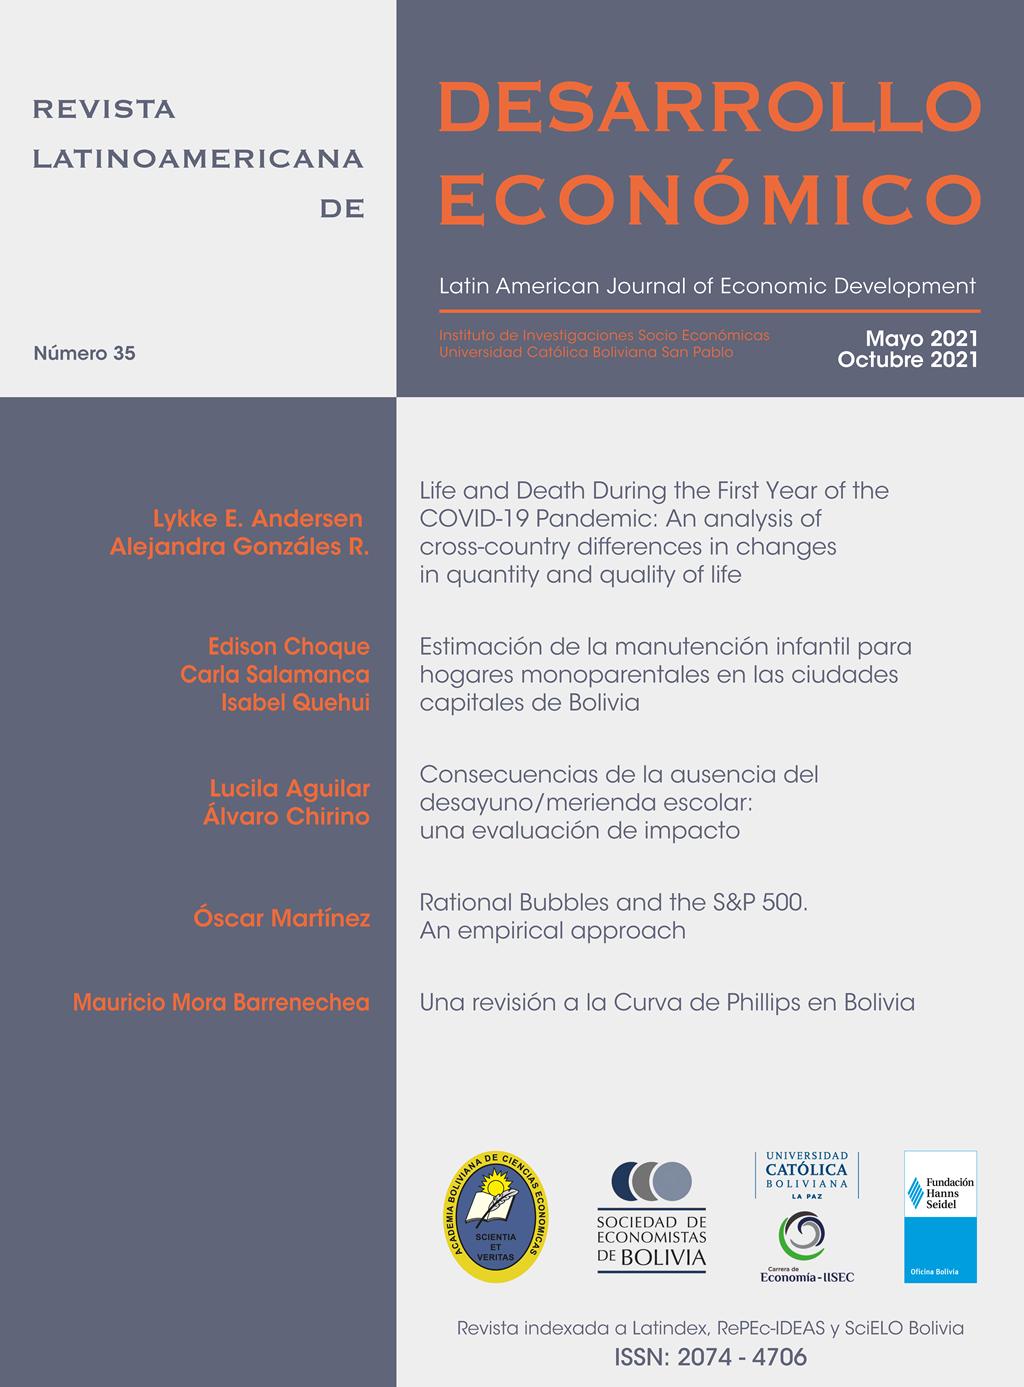 Revista Latinoamericana de Desarrollo Económico N° 35